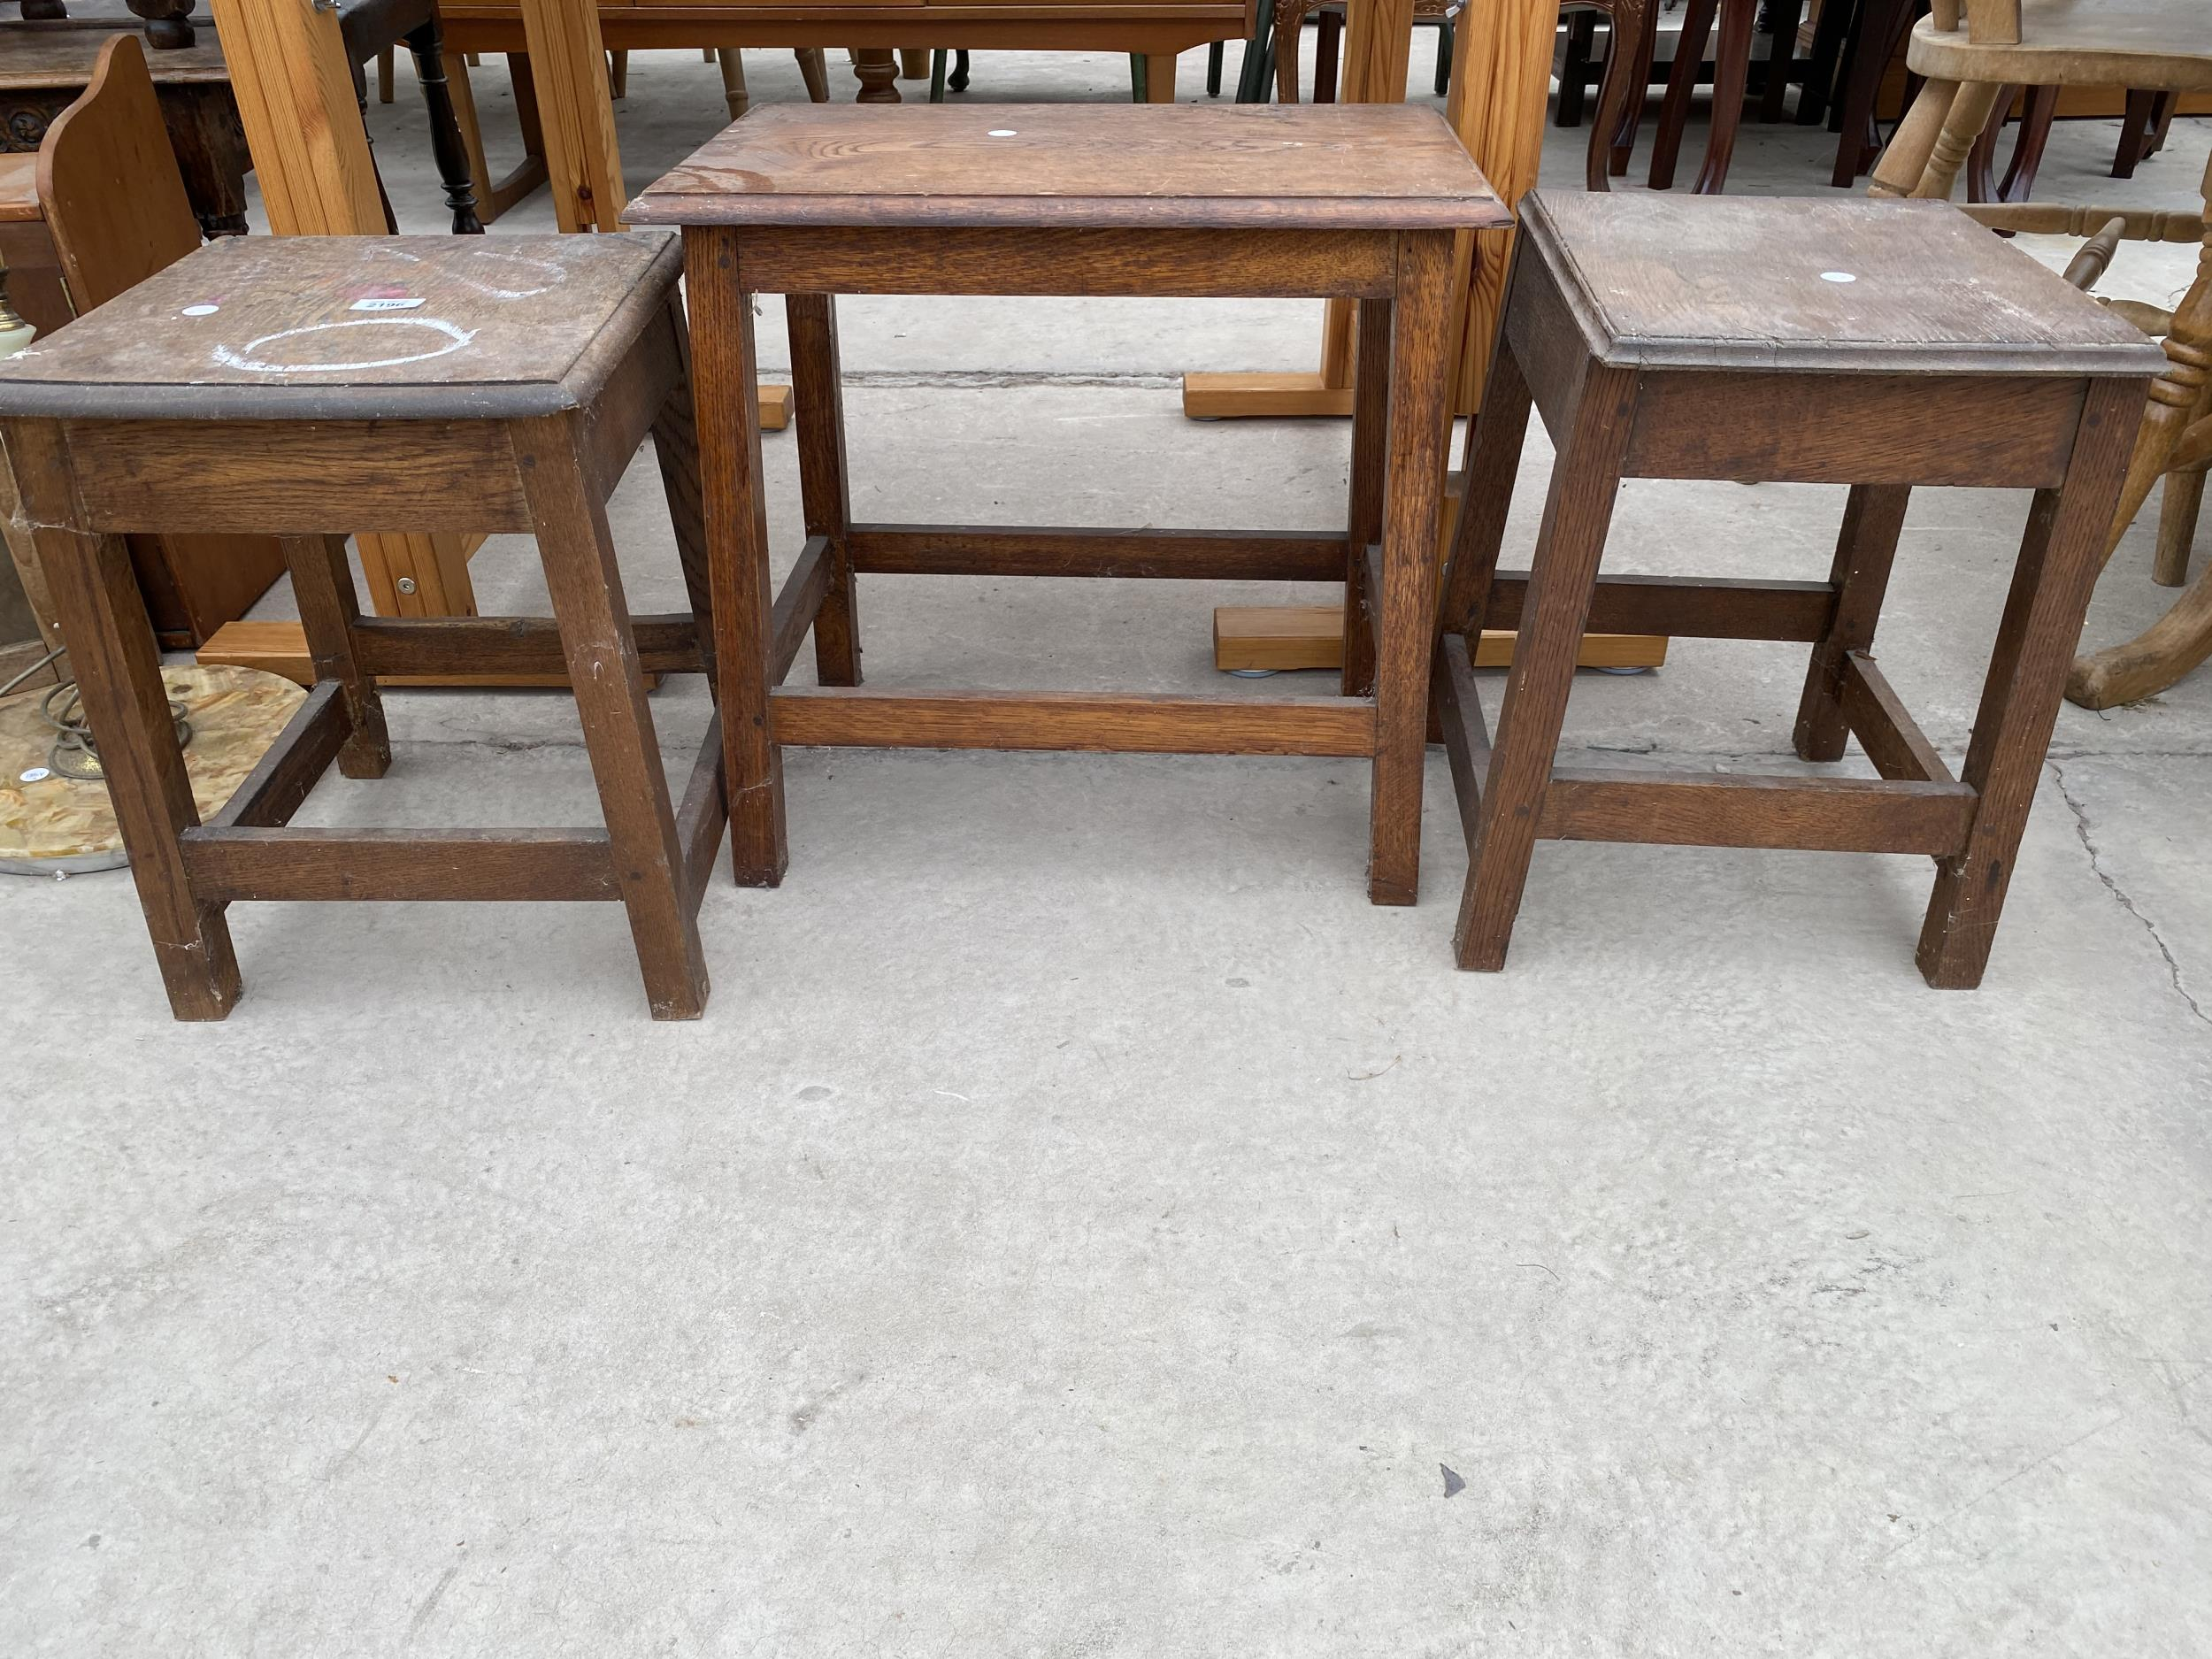 THREE OAK STOOLS - Image 3 of 3